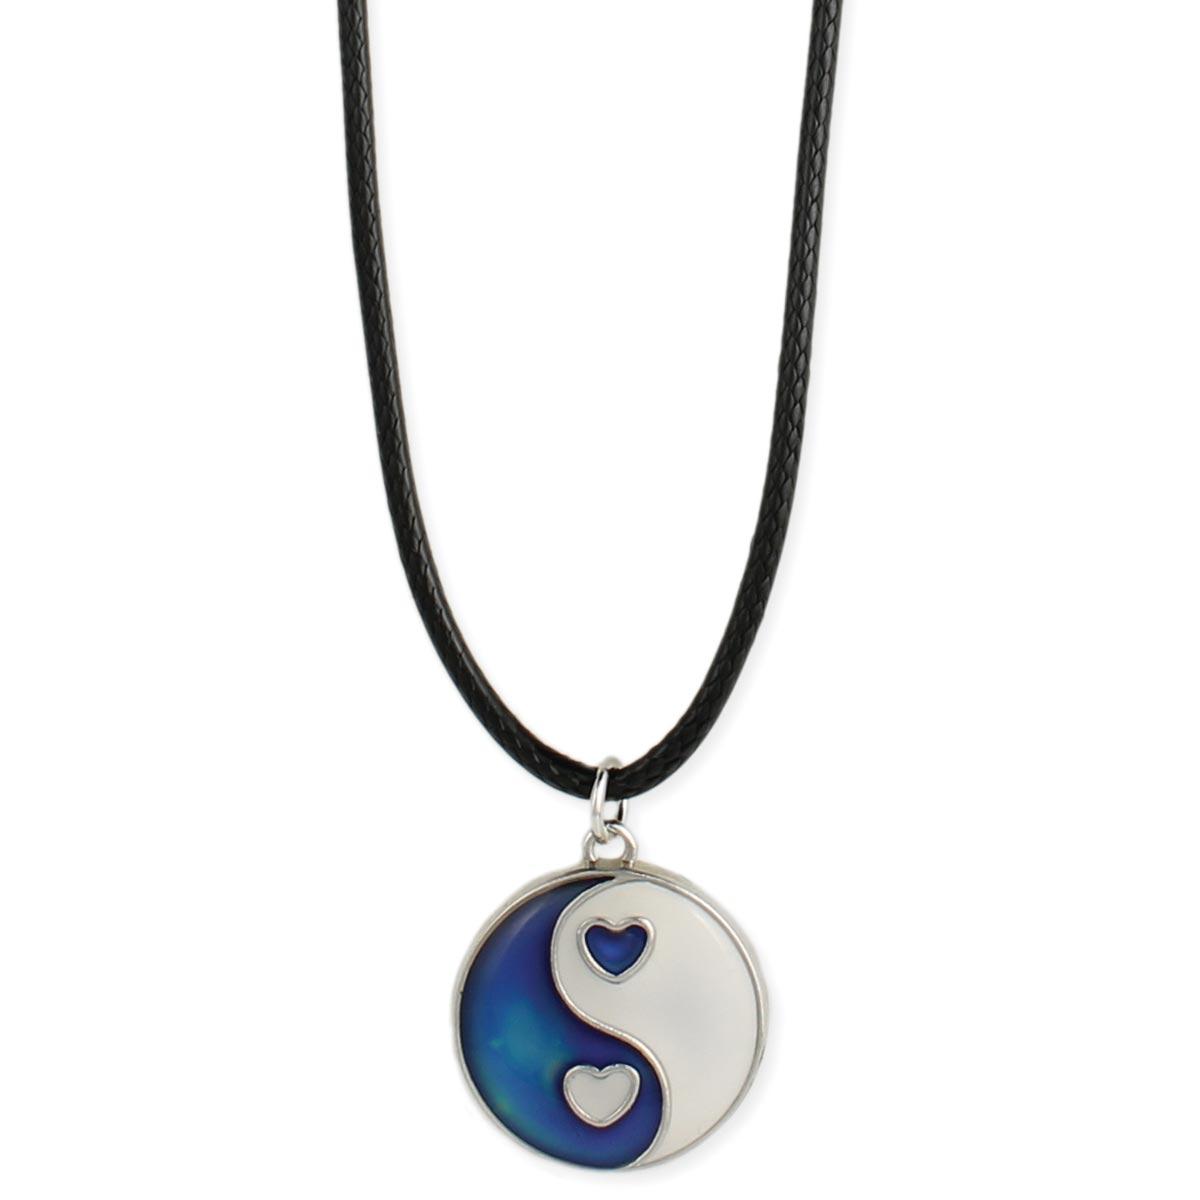 Yin yang mood necklace yin yang mood necklace view detailed images 2 aloadofball Choice Image